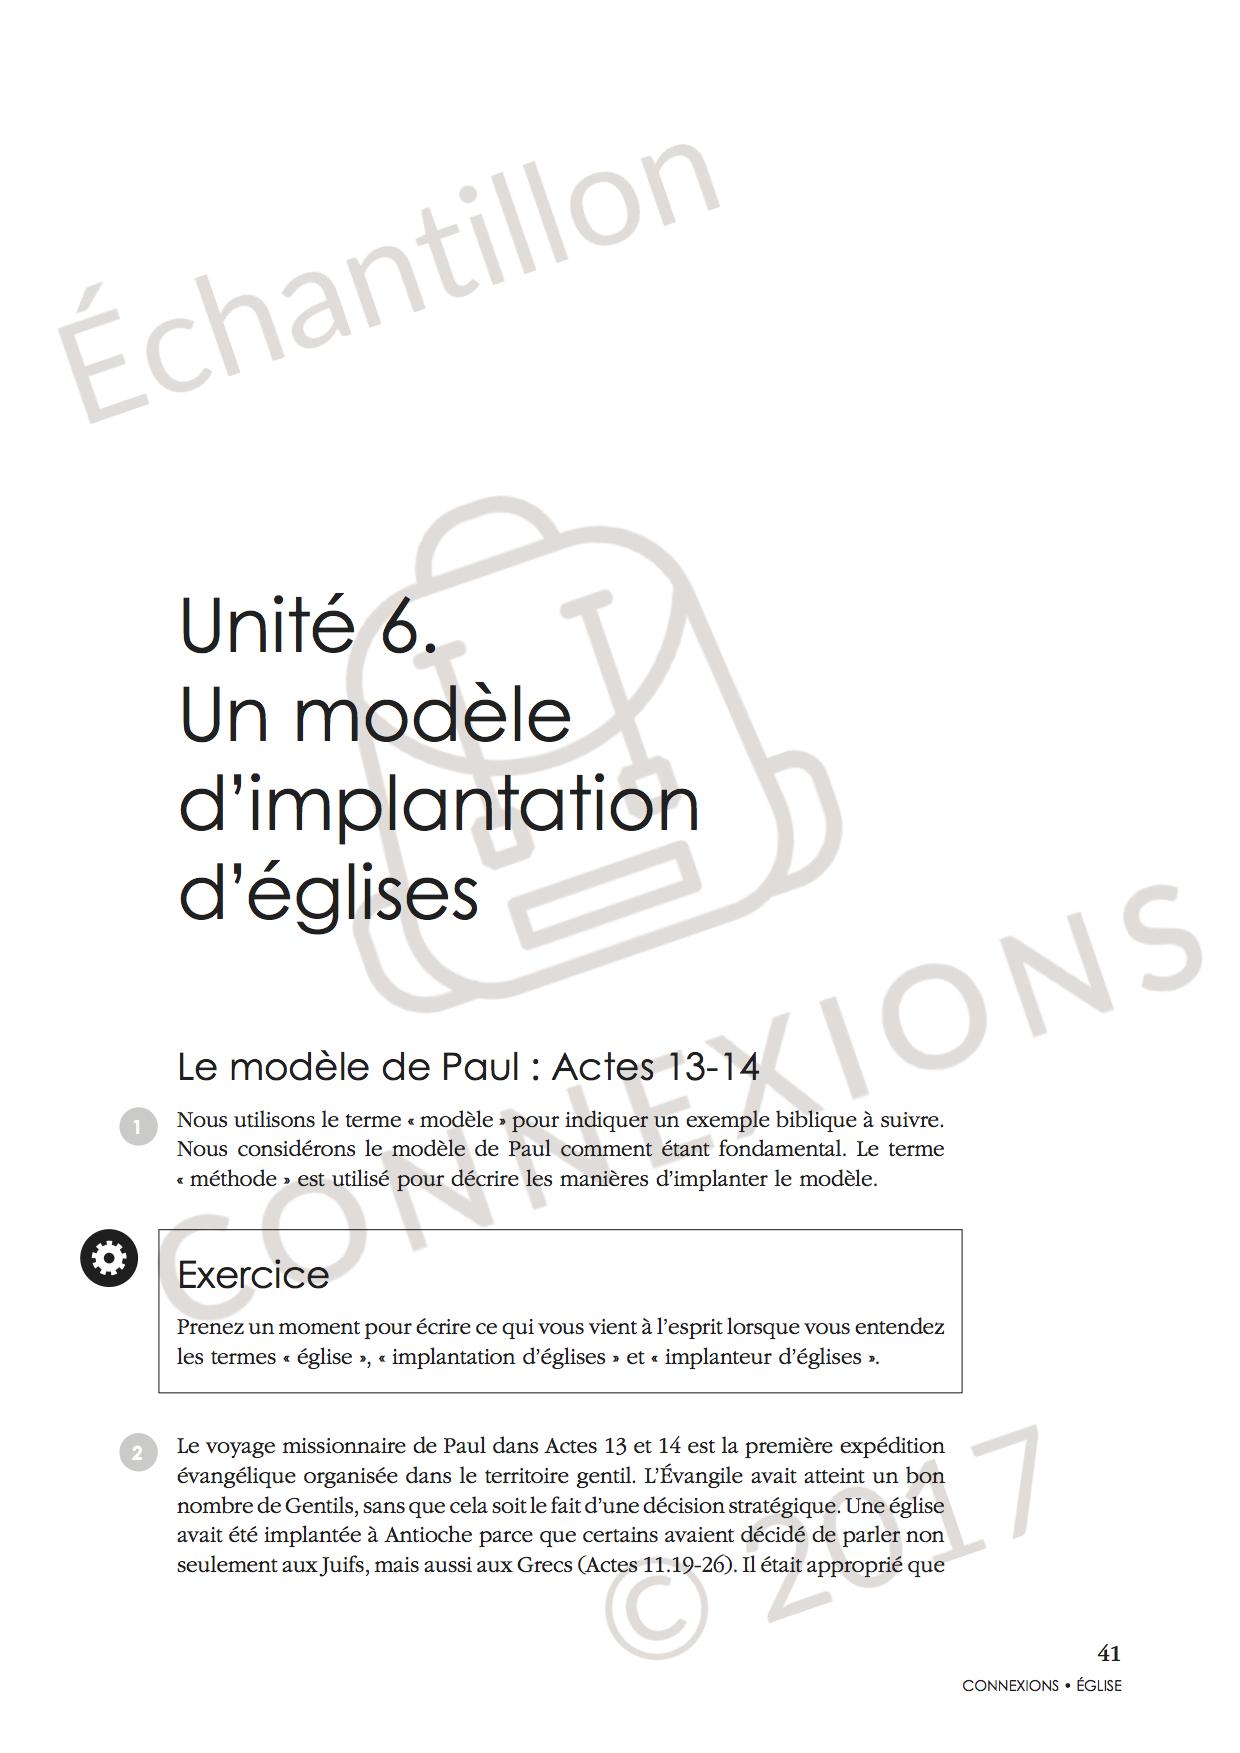 Église missionnelle et implantation d'église_sample_published.2.png